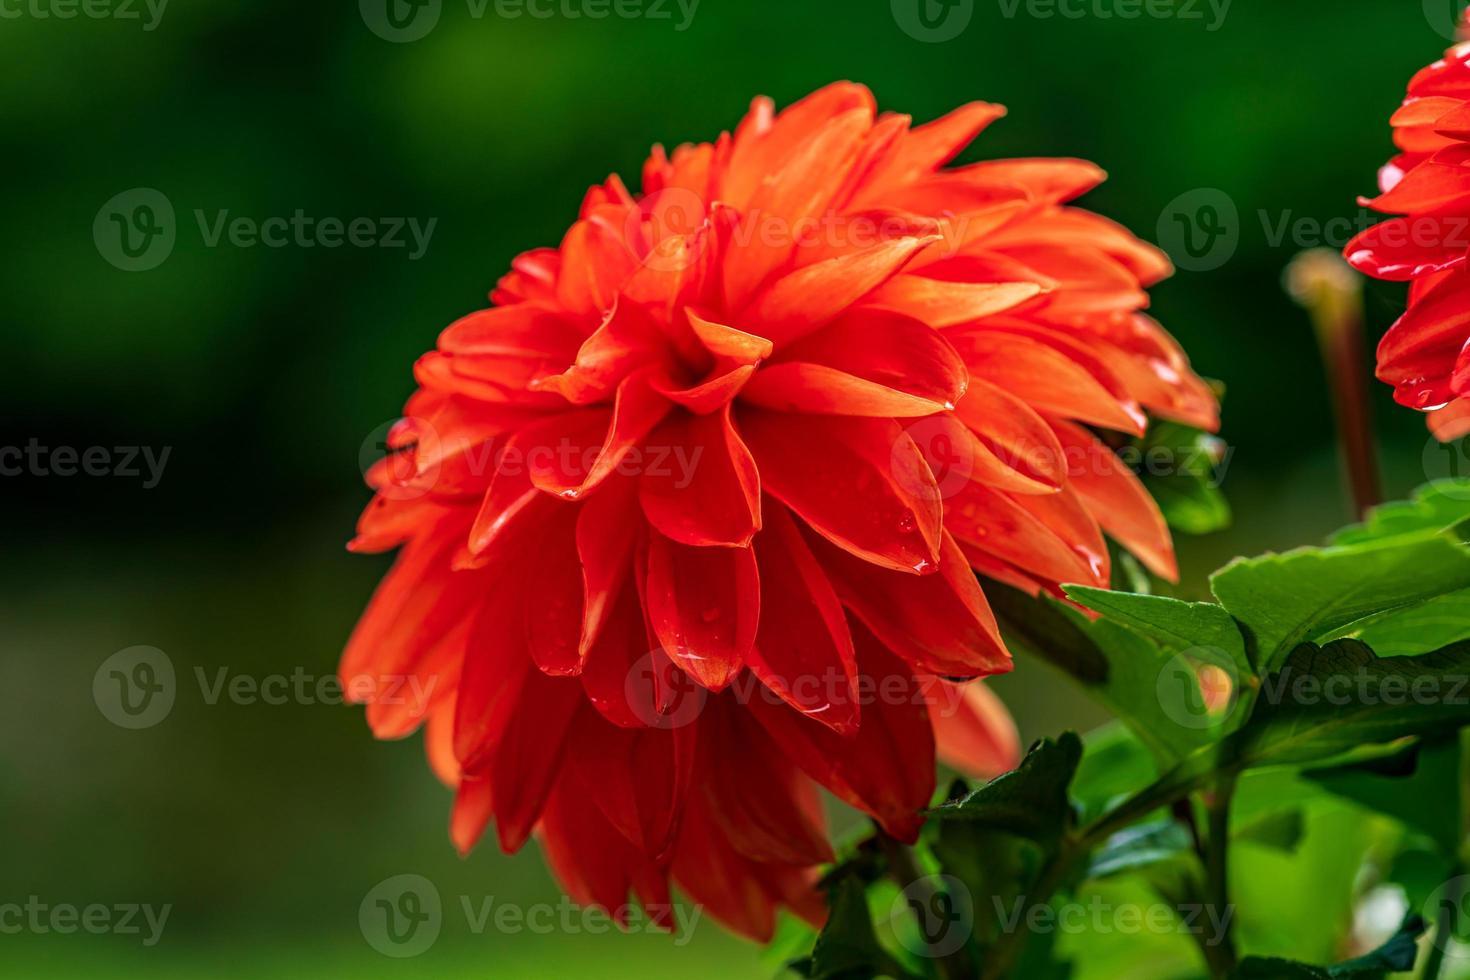 närbild av en enda levande röd dahlia blomma i solljus foto